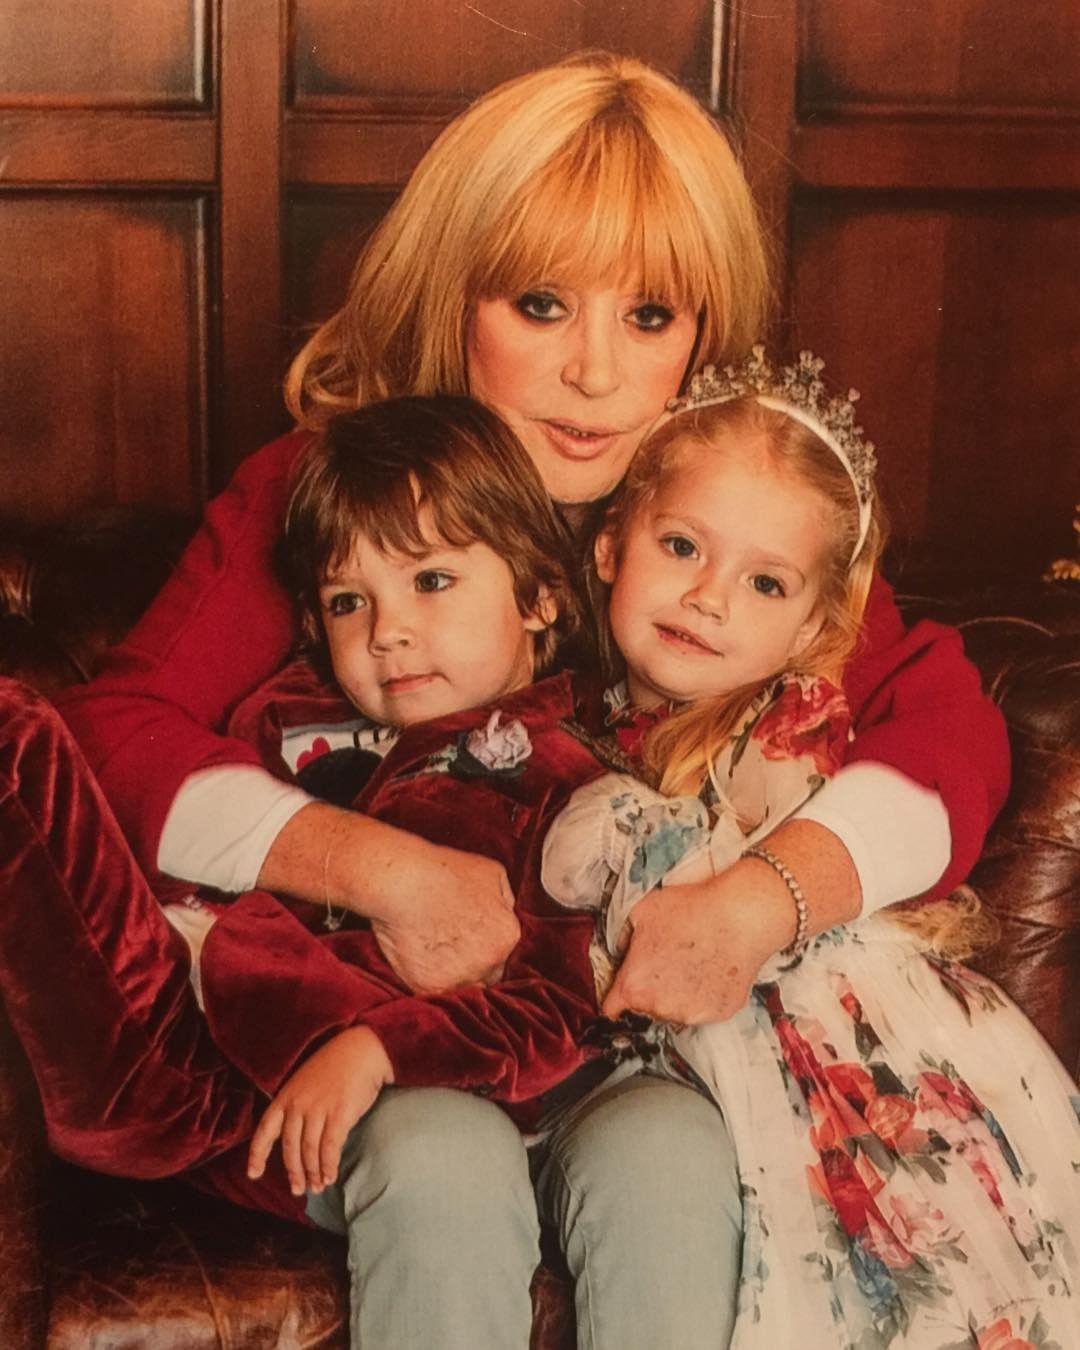 Алла пугачева фото детей двойняшек 2018